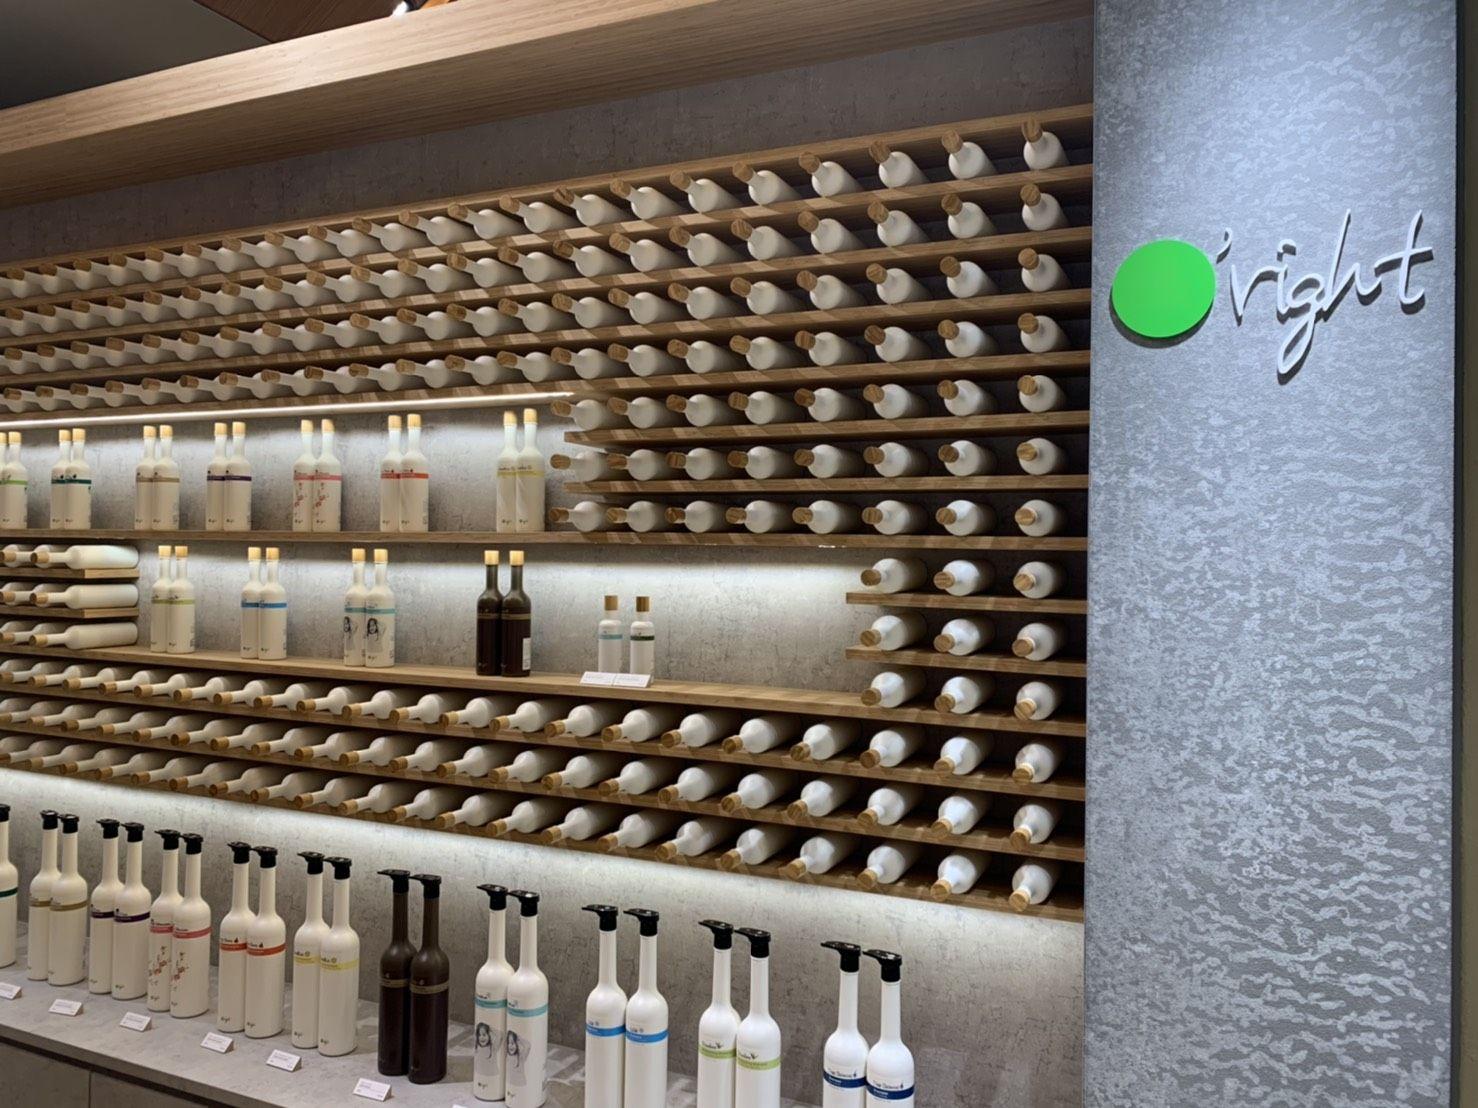 台灣首間進駐日本伊勢丹百貨的髮妝品牌!歐萊德將綠色美妝理念發揚國際